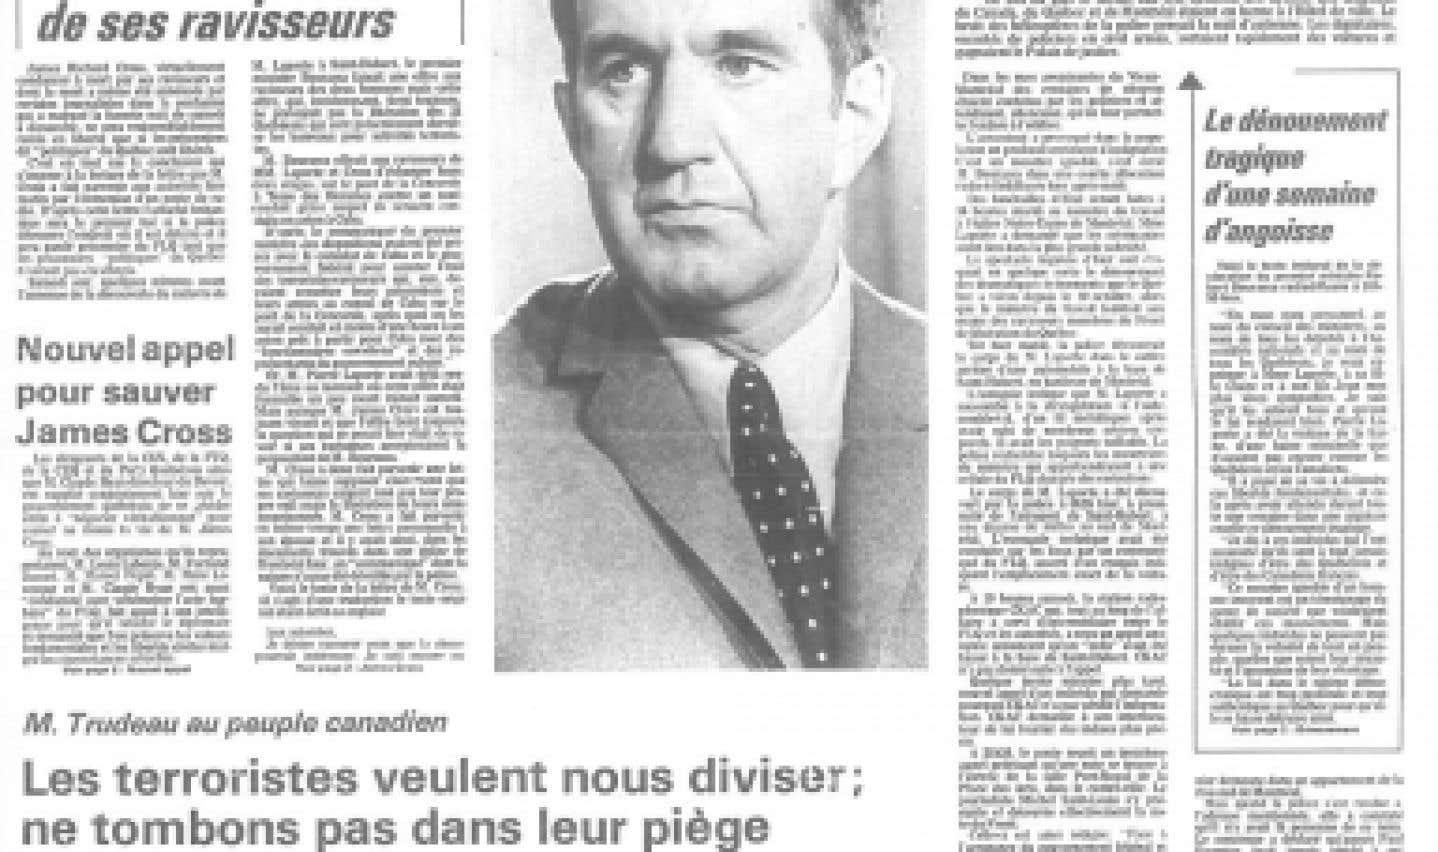 Souvenirs de la rédaction - Le Devoir dans la tempête d'Octobre 70